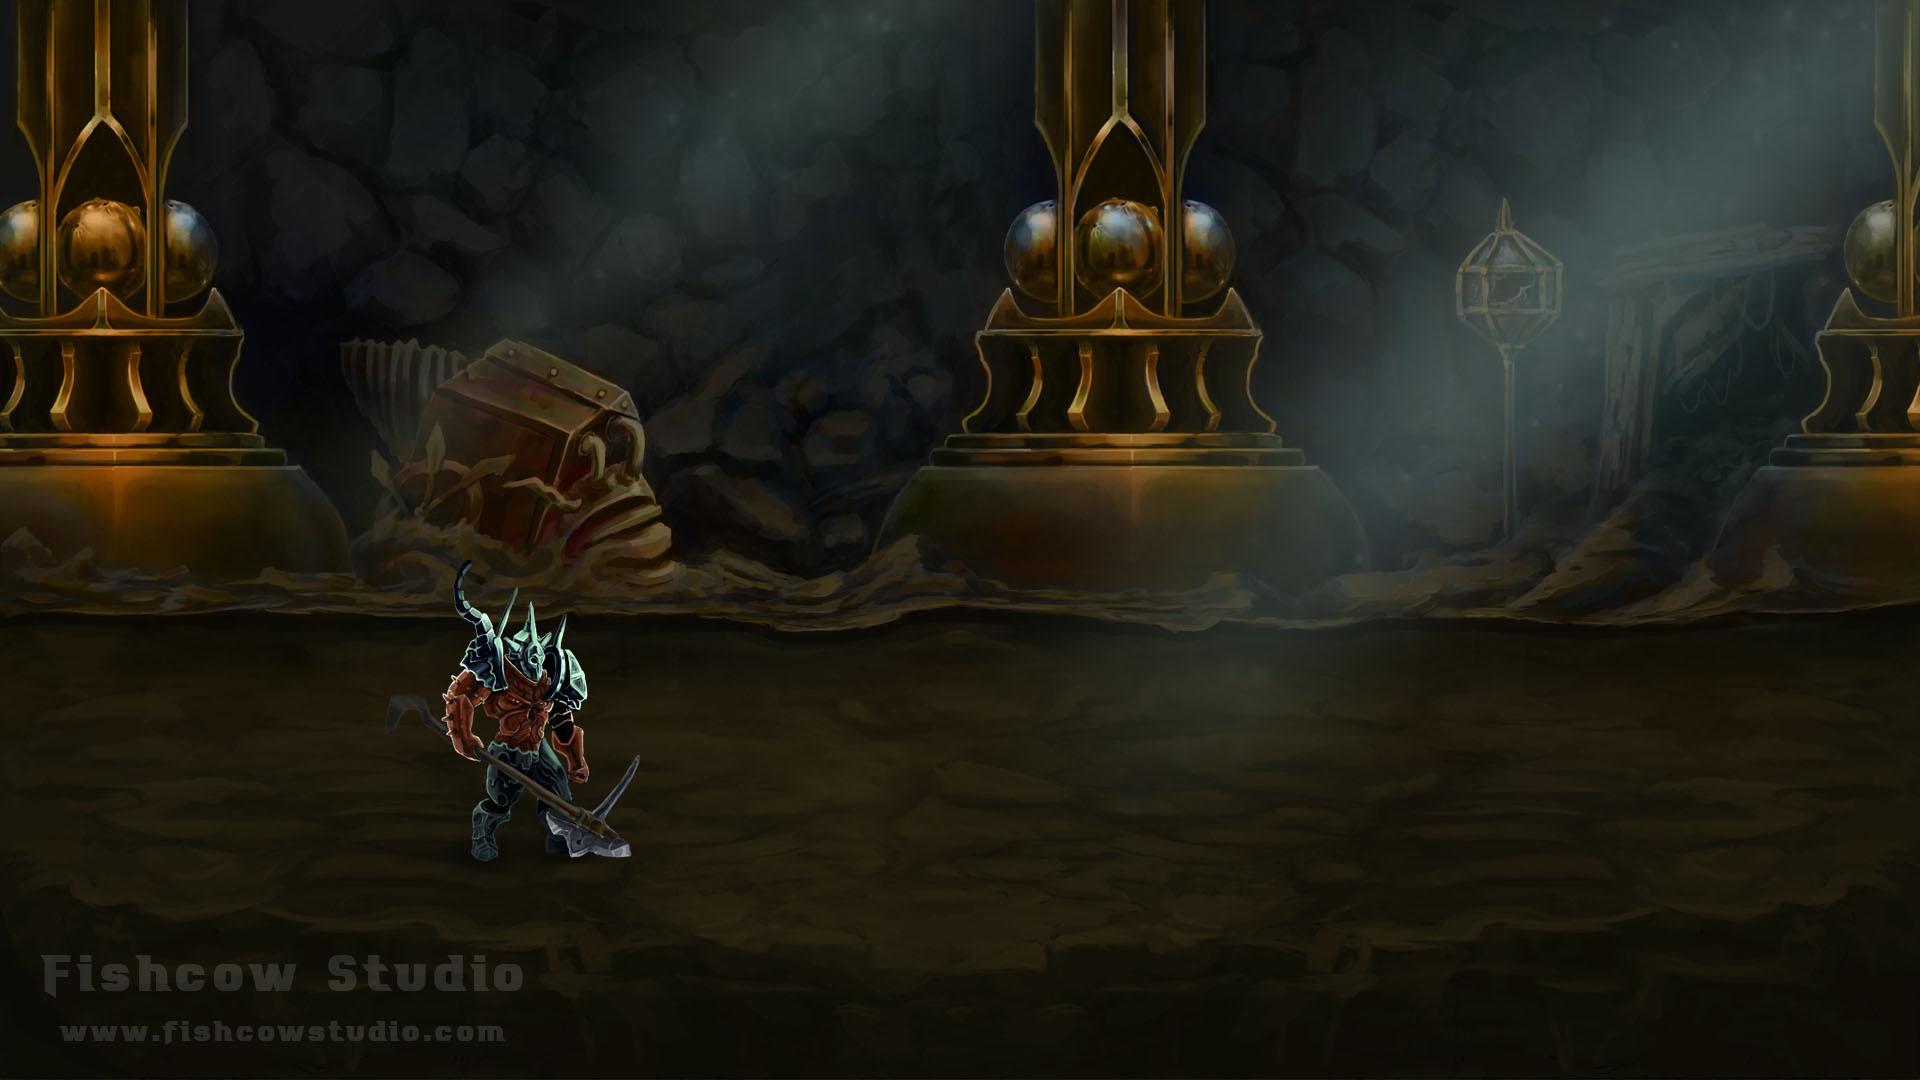 Figure 7 – Underground dungeon with gothic influences